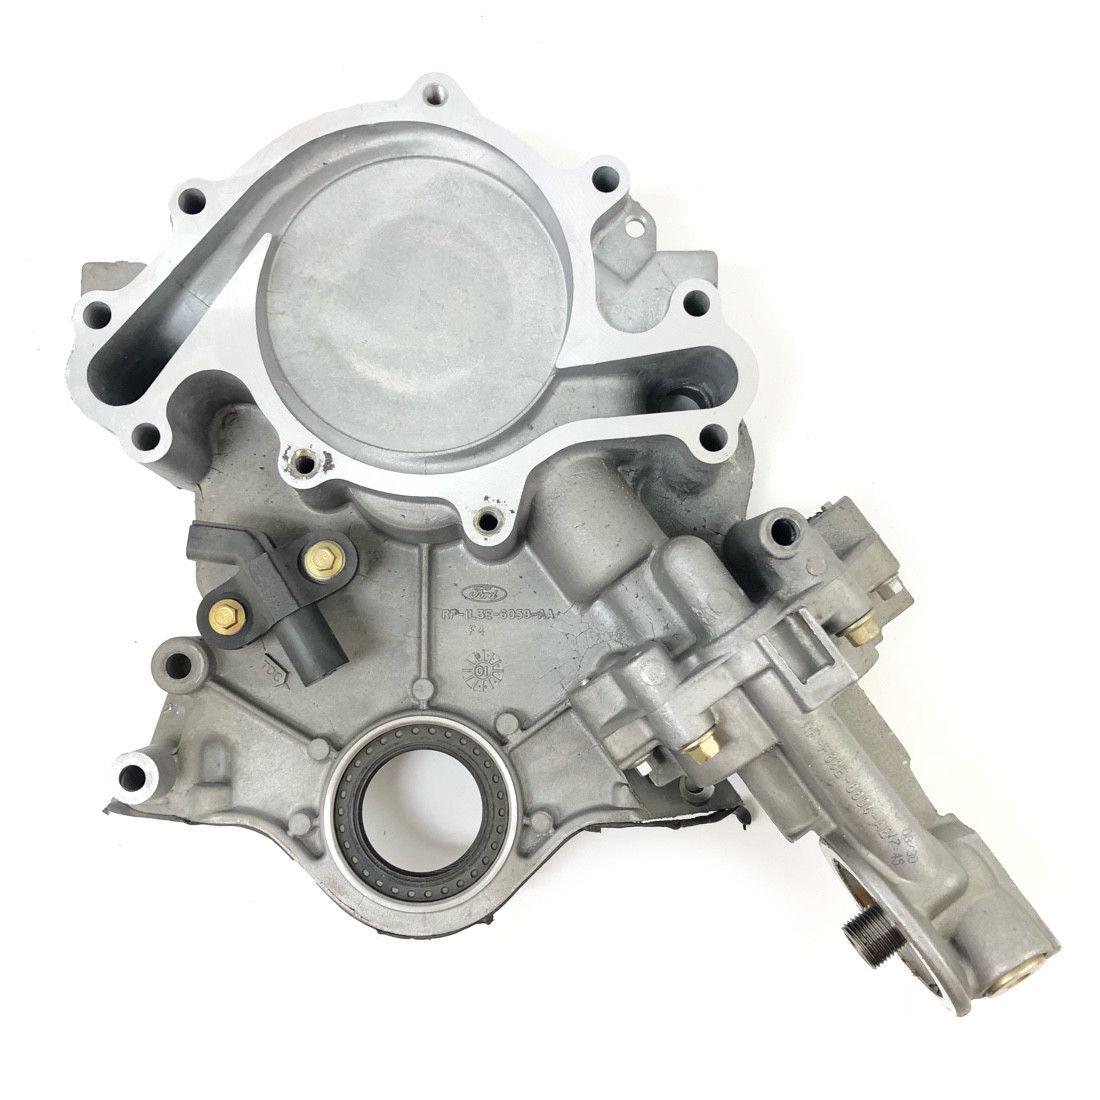 FORD OEM Timing Cover/Oil Pump 4.2L F150, E150, E250 #1L3E